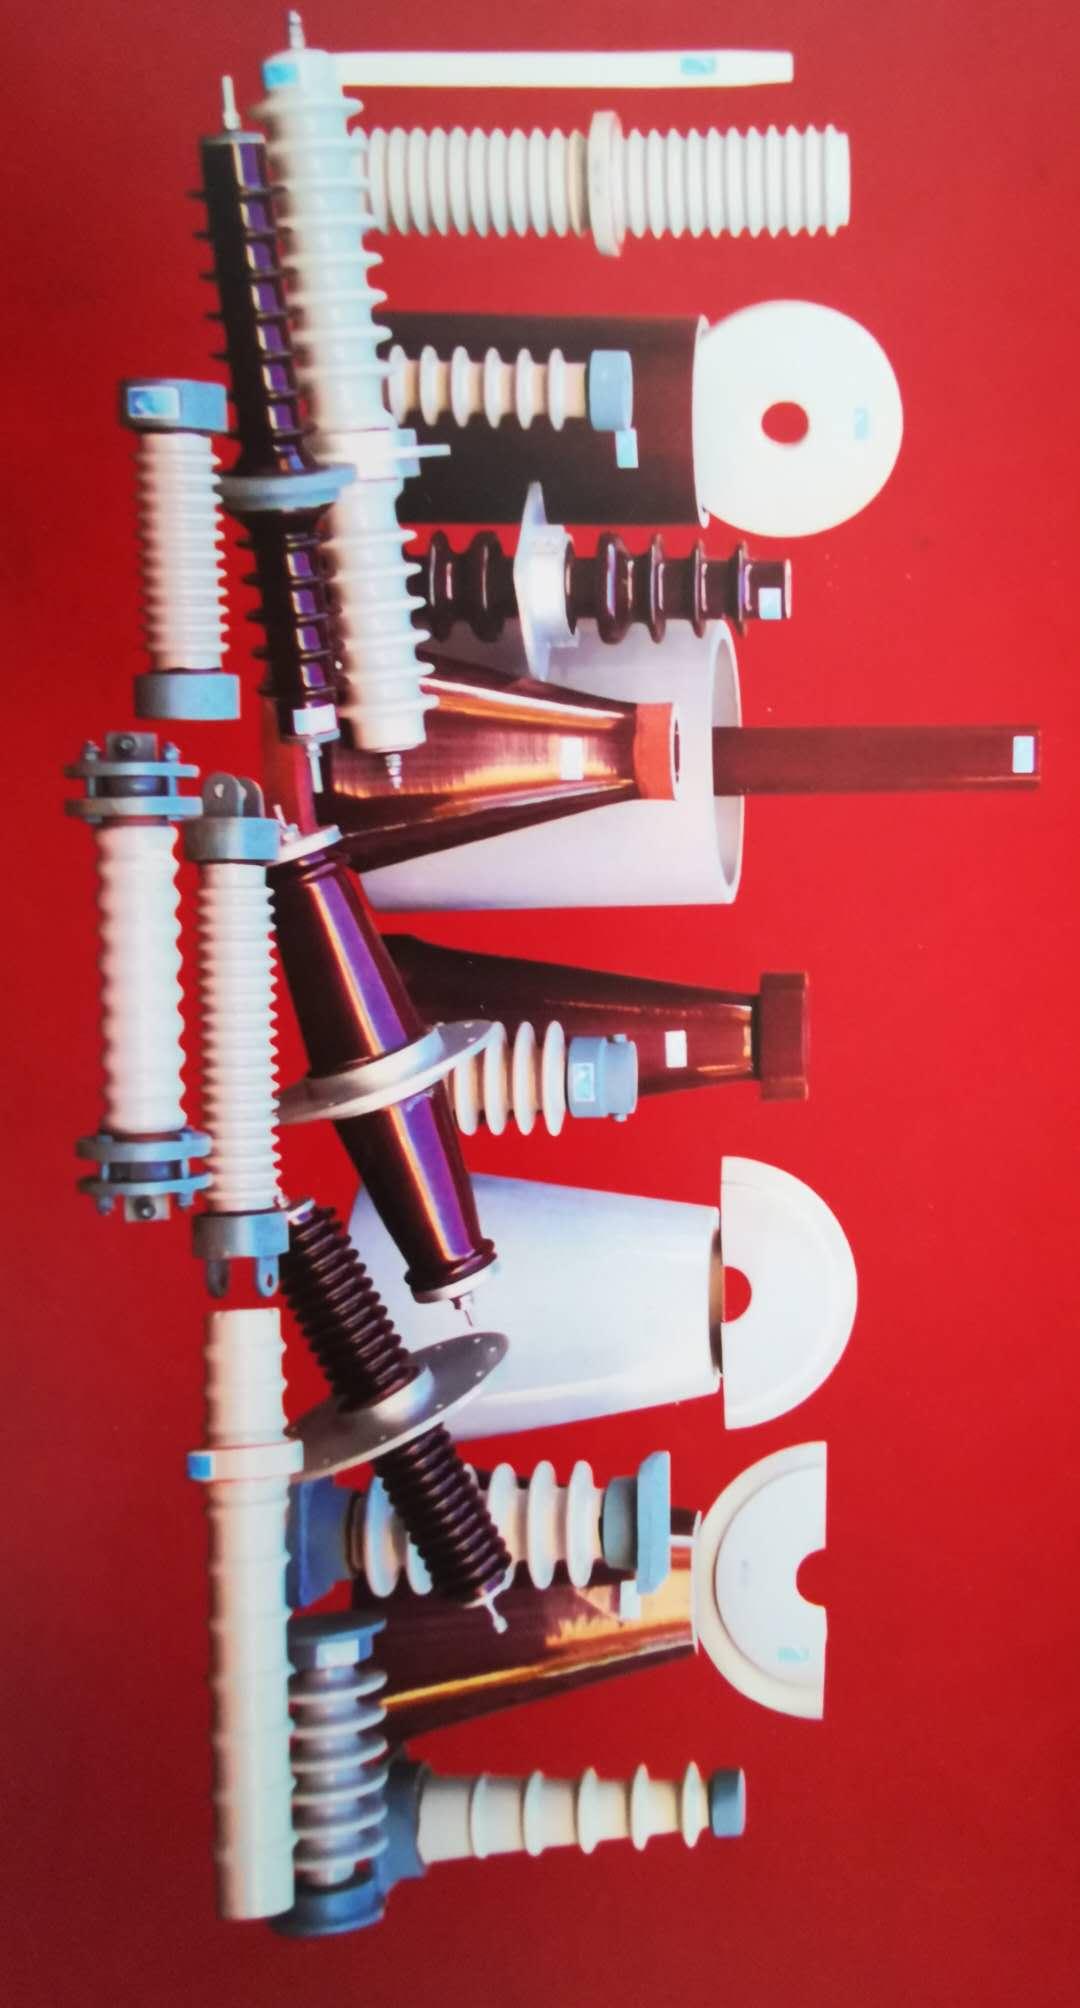 高压电力支柱瓷套 ES030600573/72KV,848mm*162mm,材质电磁白釉,电晕